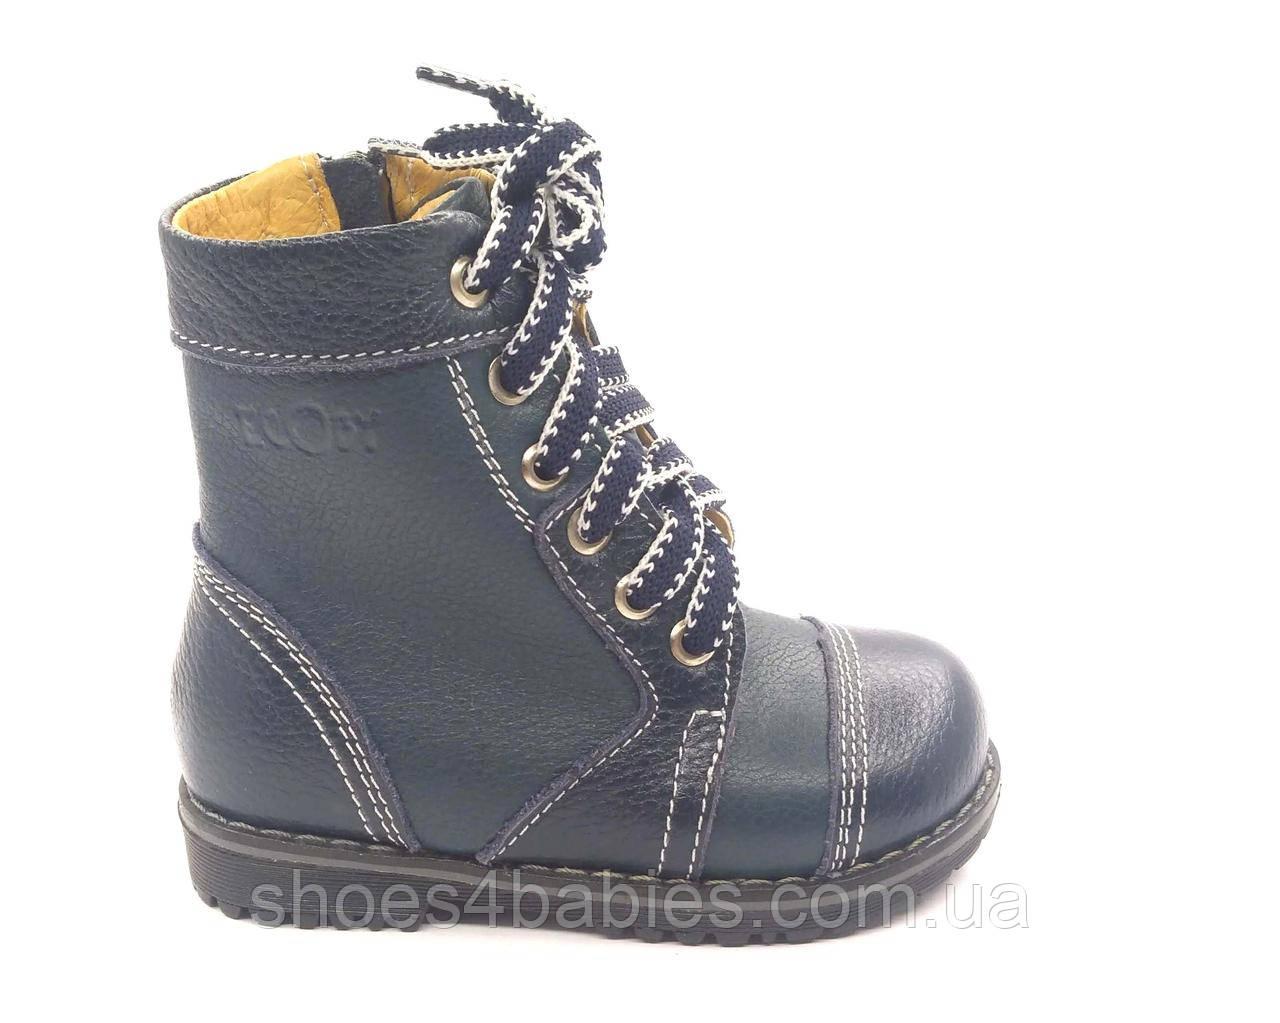 821340963 Ботинки зимние (сапожки) ортопедические Ecoby (Экоби) для мальчика 205В  синие